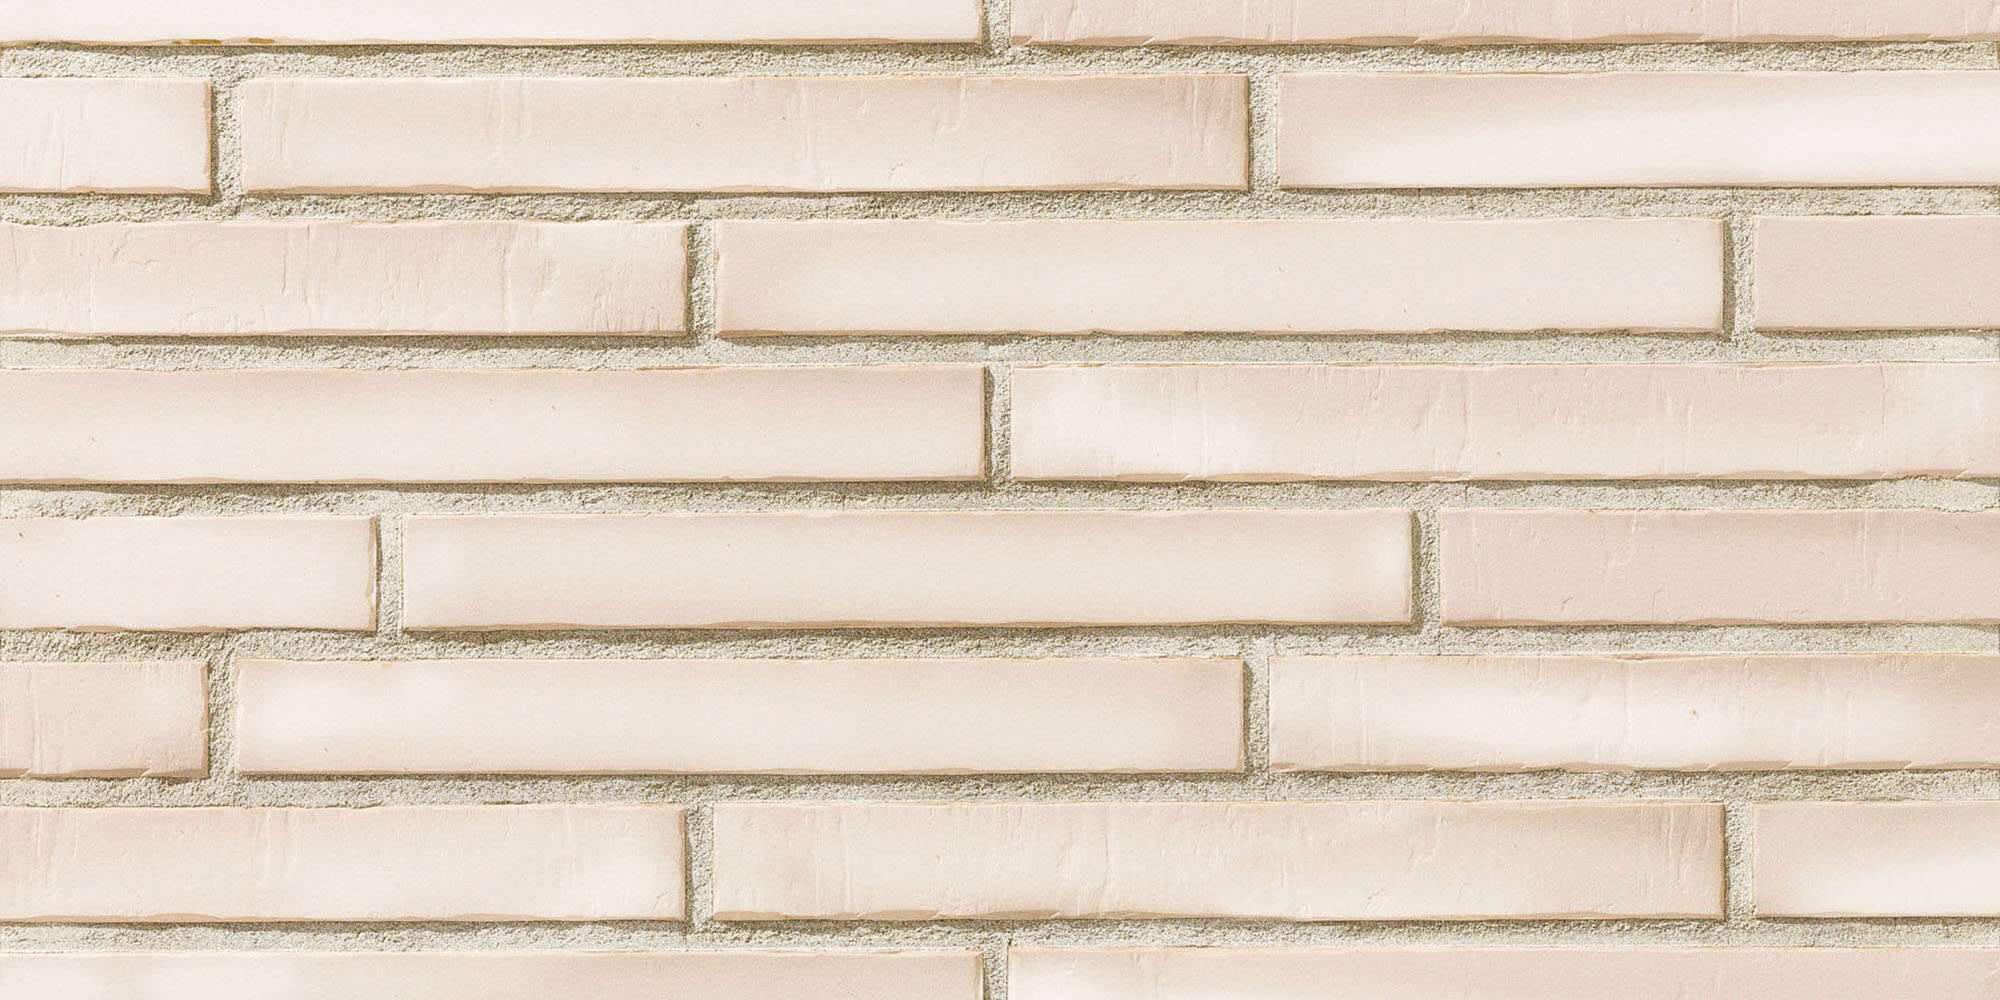 Stroeher - Glanzstueck №4, узкая, 440x52x14 - Клинкерная плитка для фасада и внутренней отделки